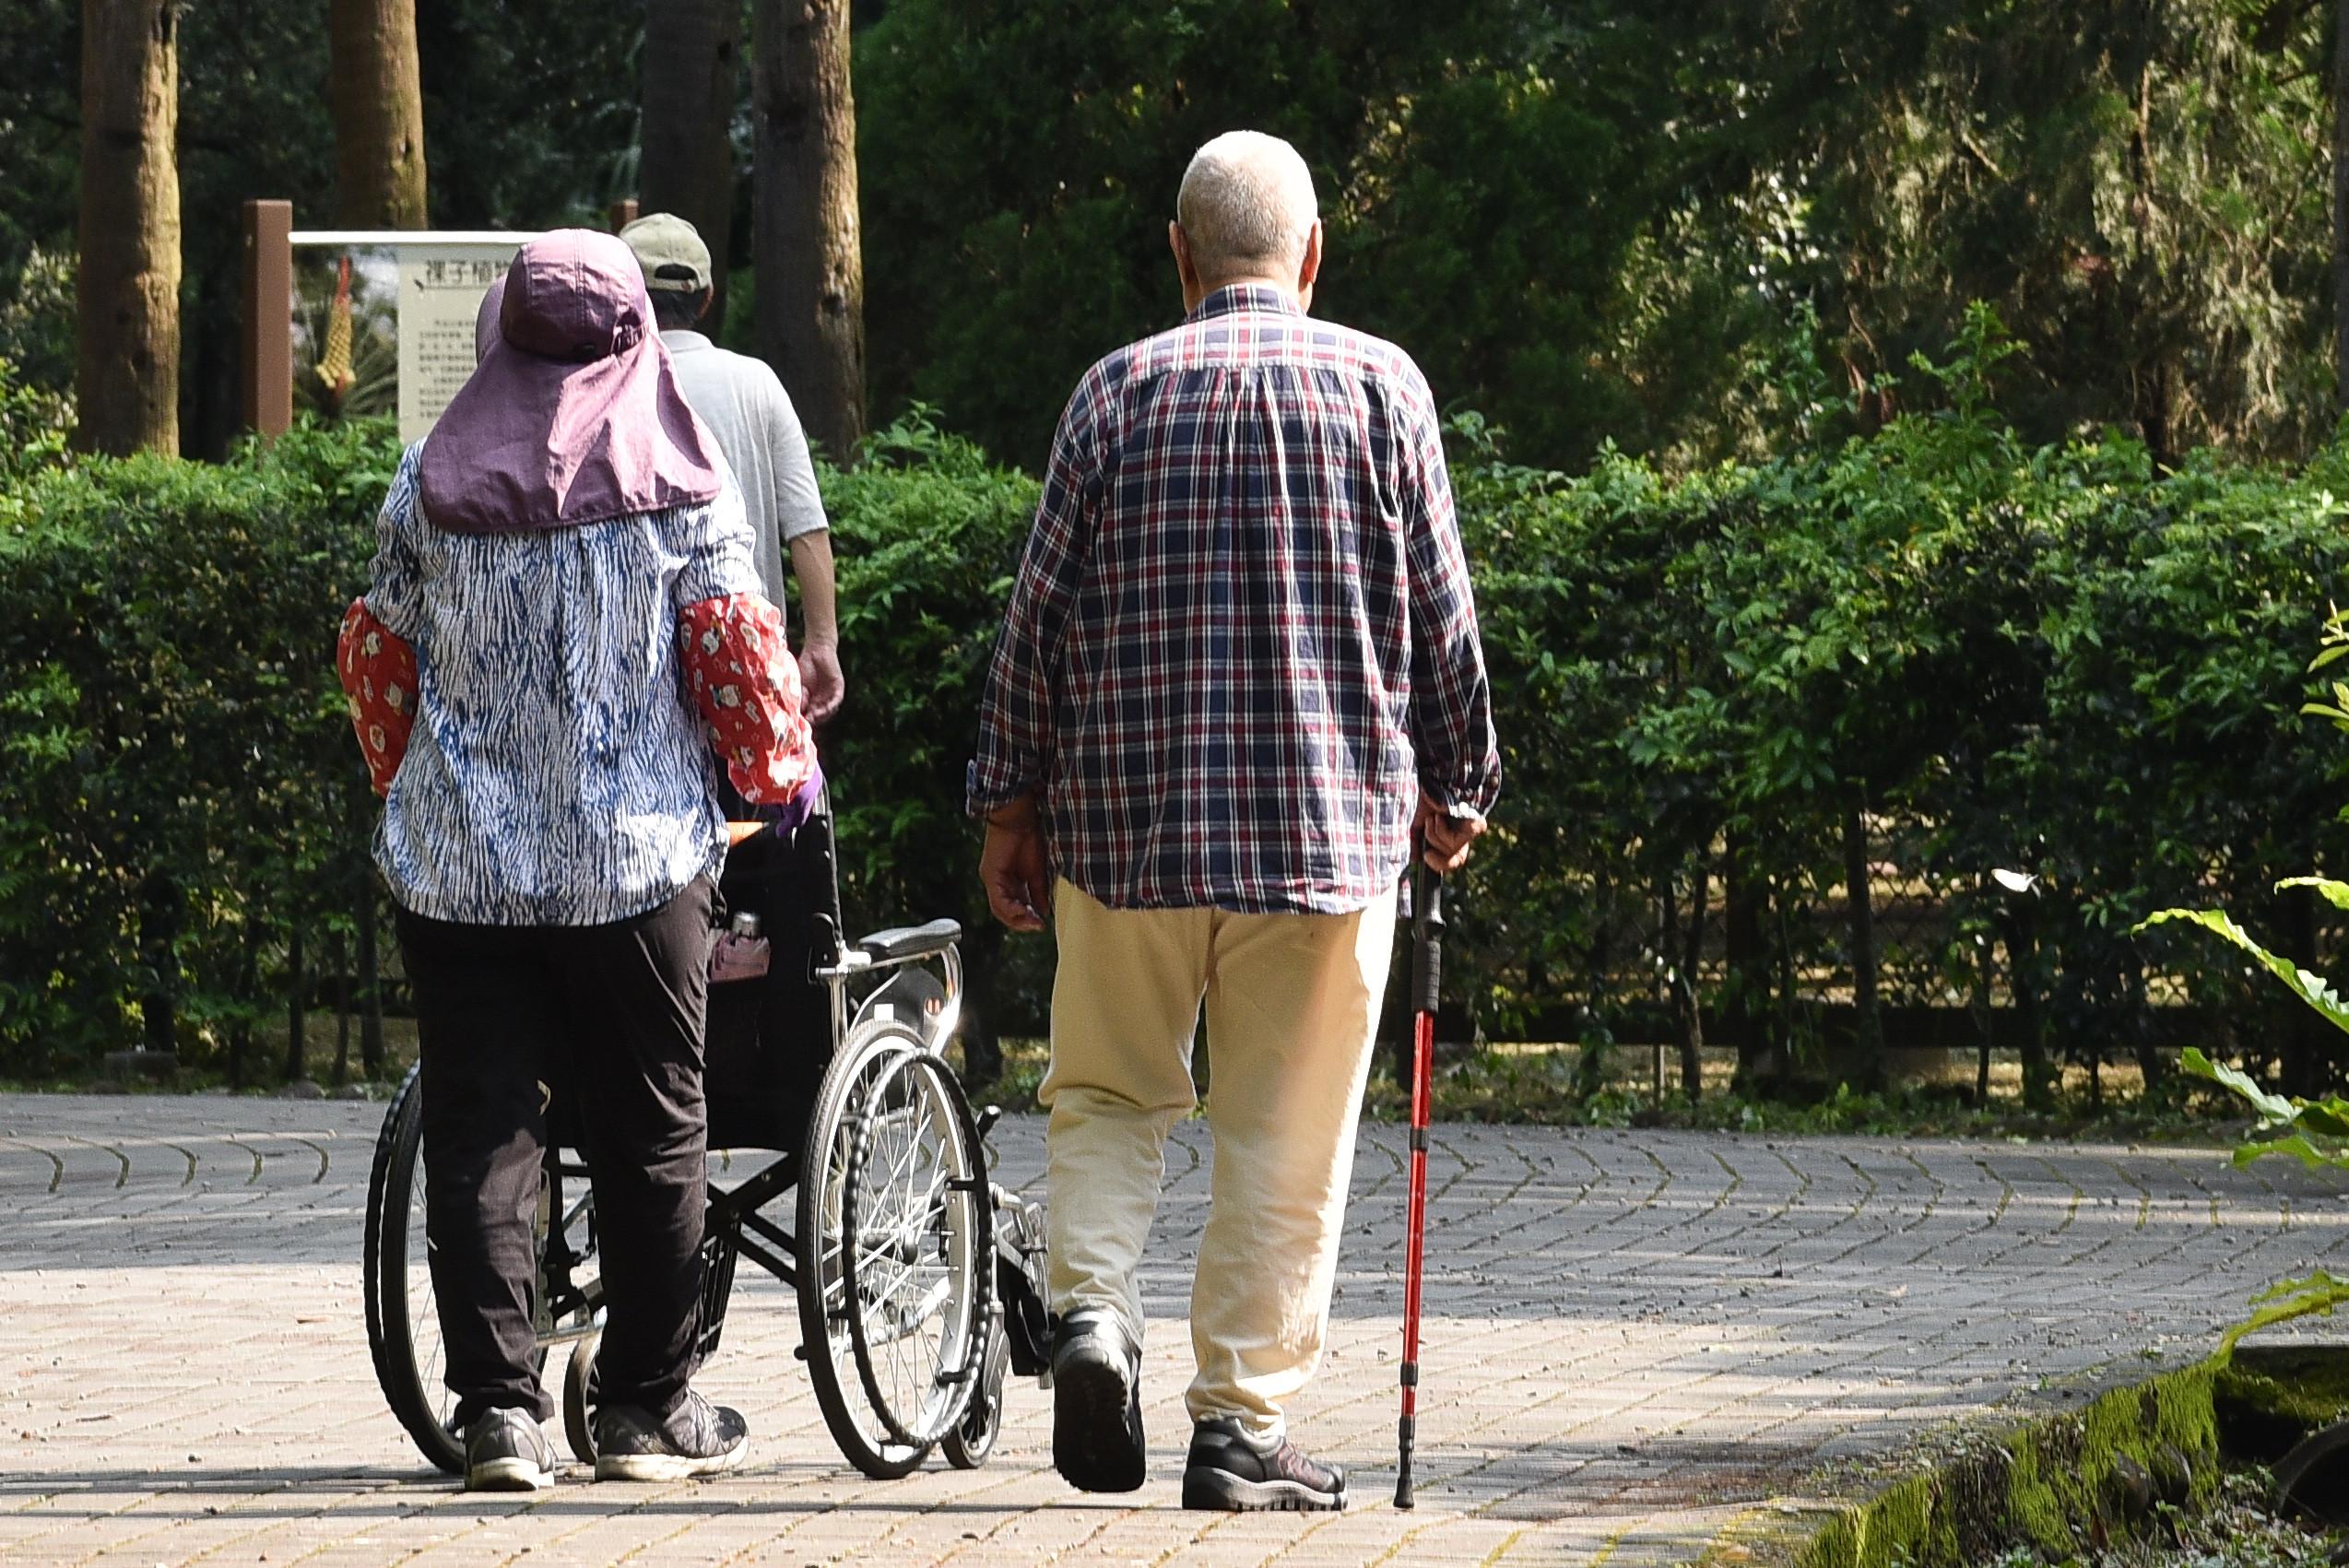 人口老化,長照,退休生活,老人。(圖/記者李毓康攝)